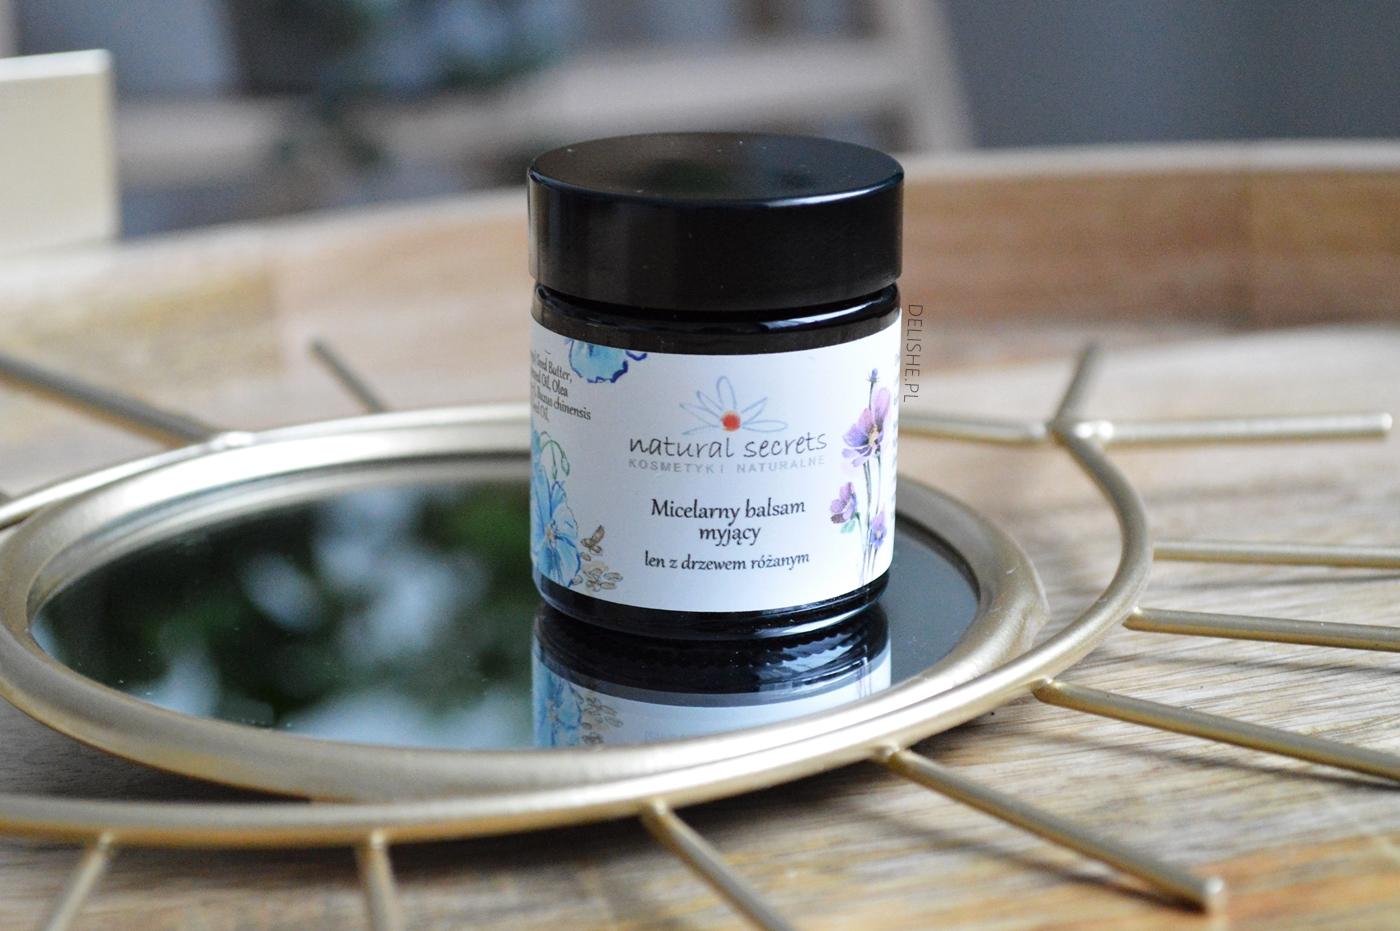 balsam myjący Natural secrets najlepsze olejki do doemakijażu